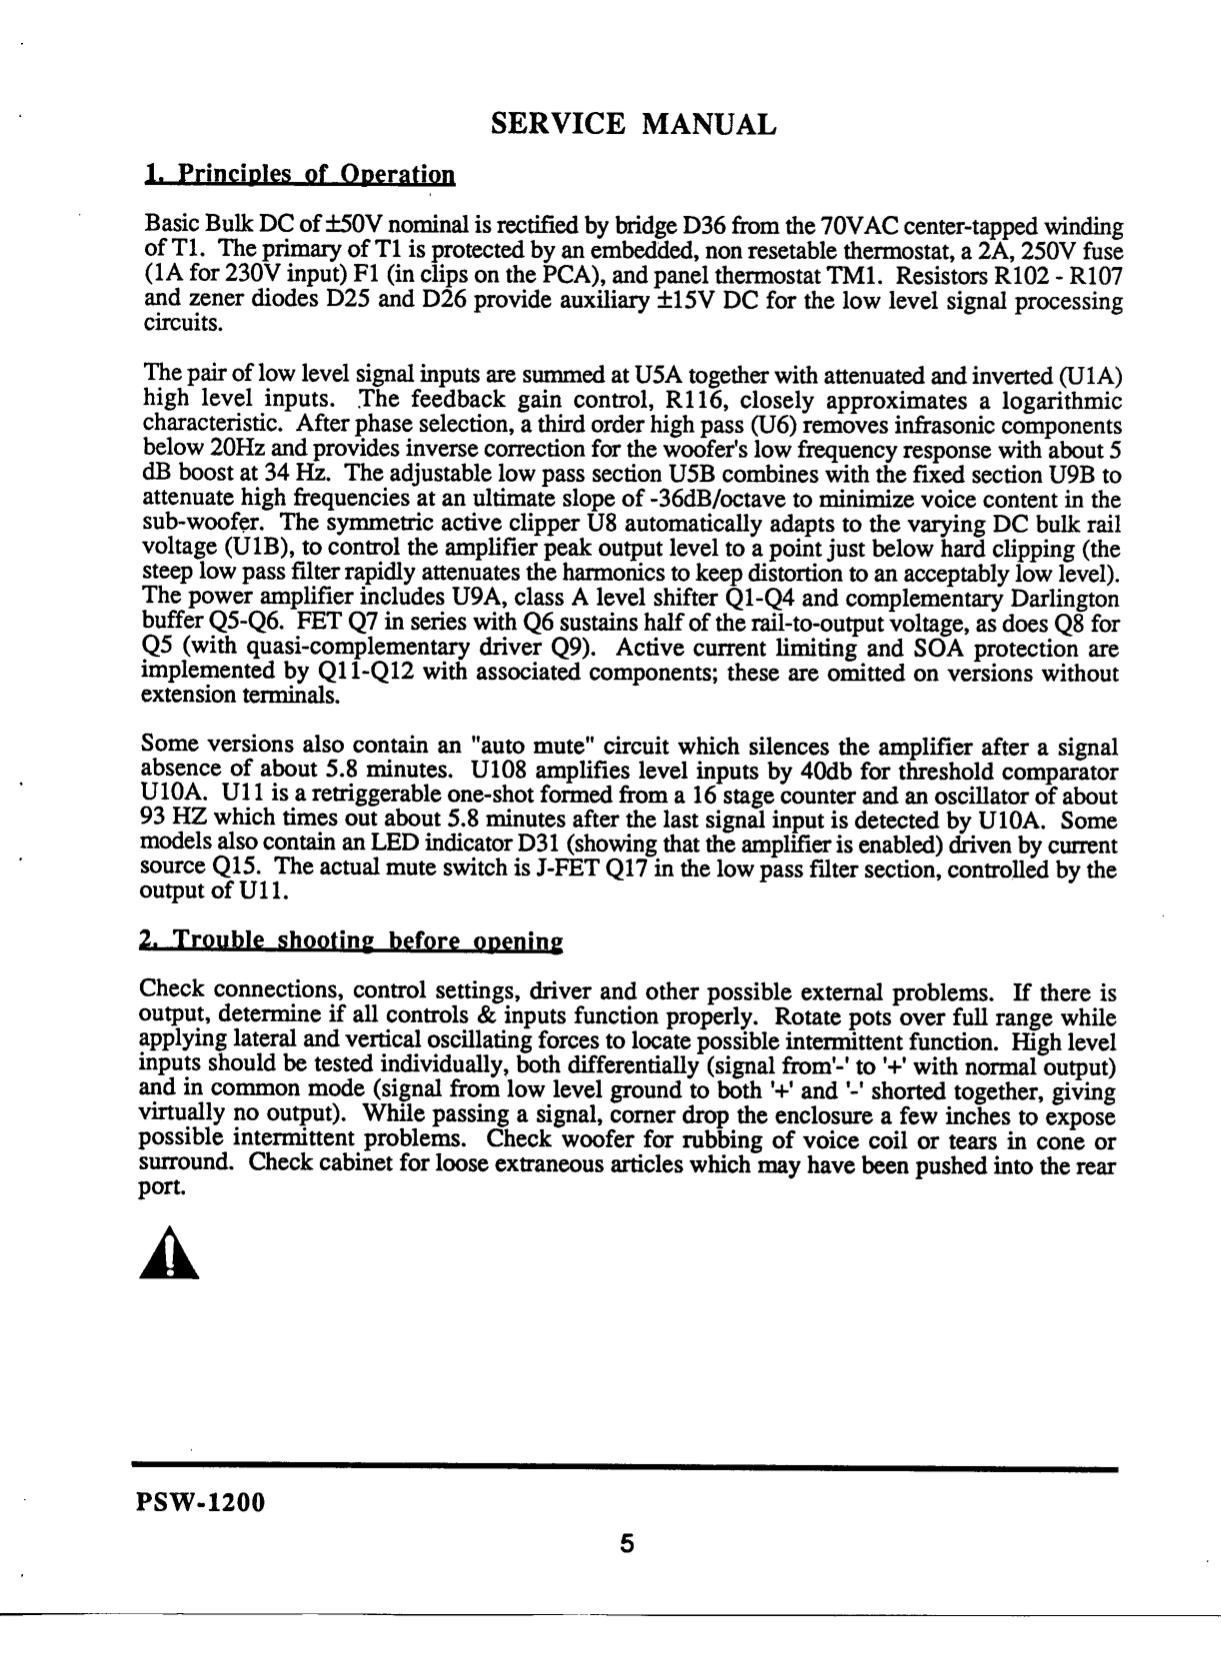 Jbl 1200 1 manual Jbl Amp Bp Wiring Diagram on